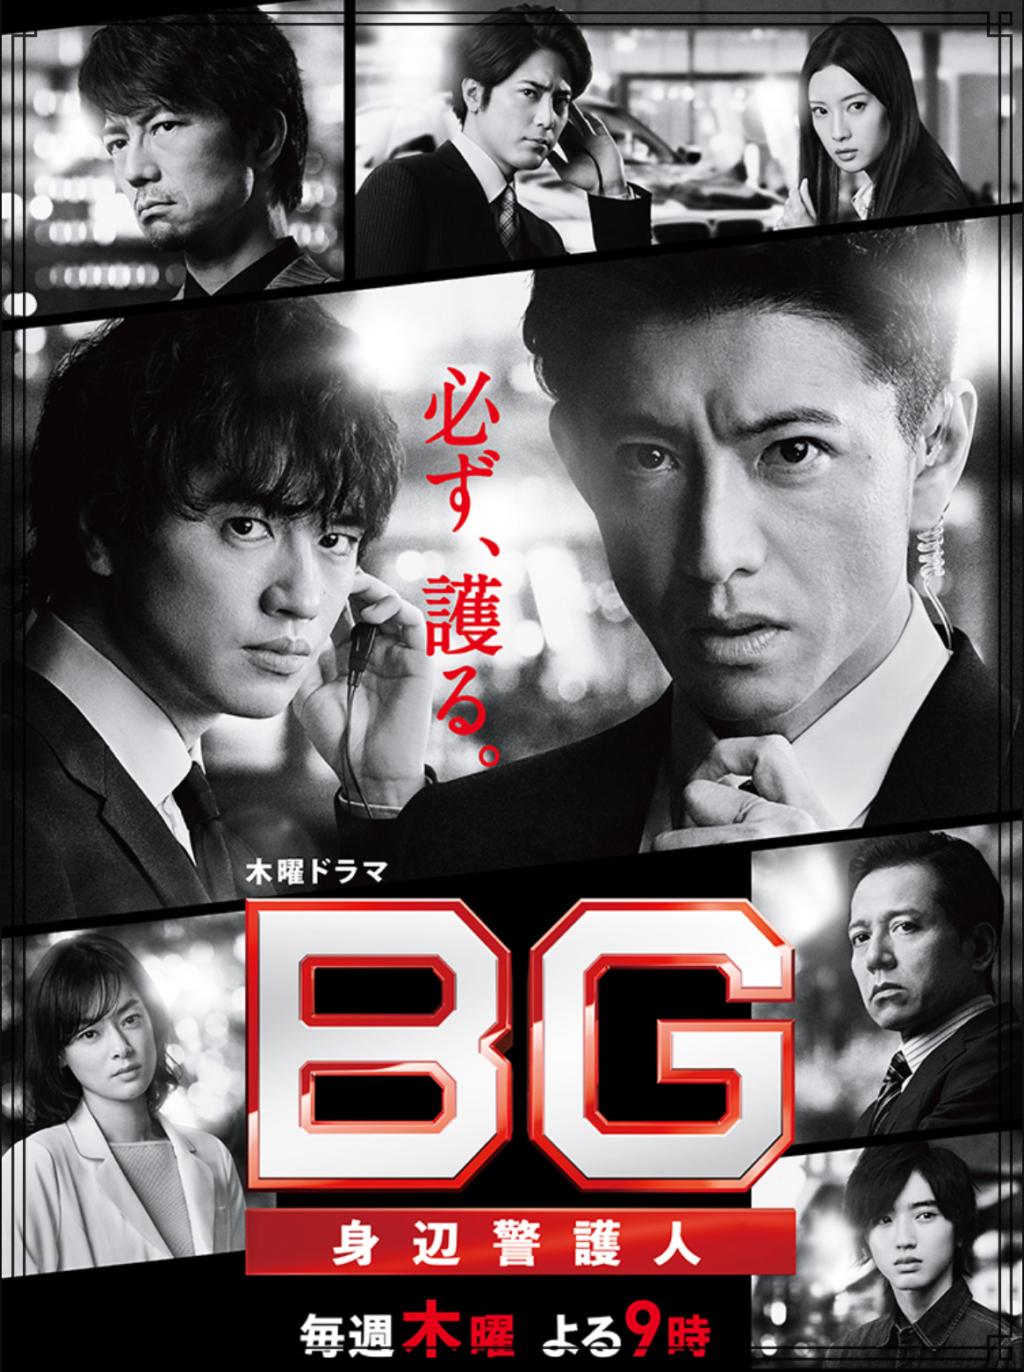 ドラマ『BG~身辺警護人~』